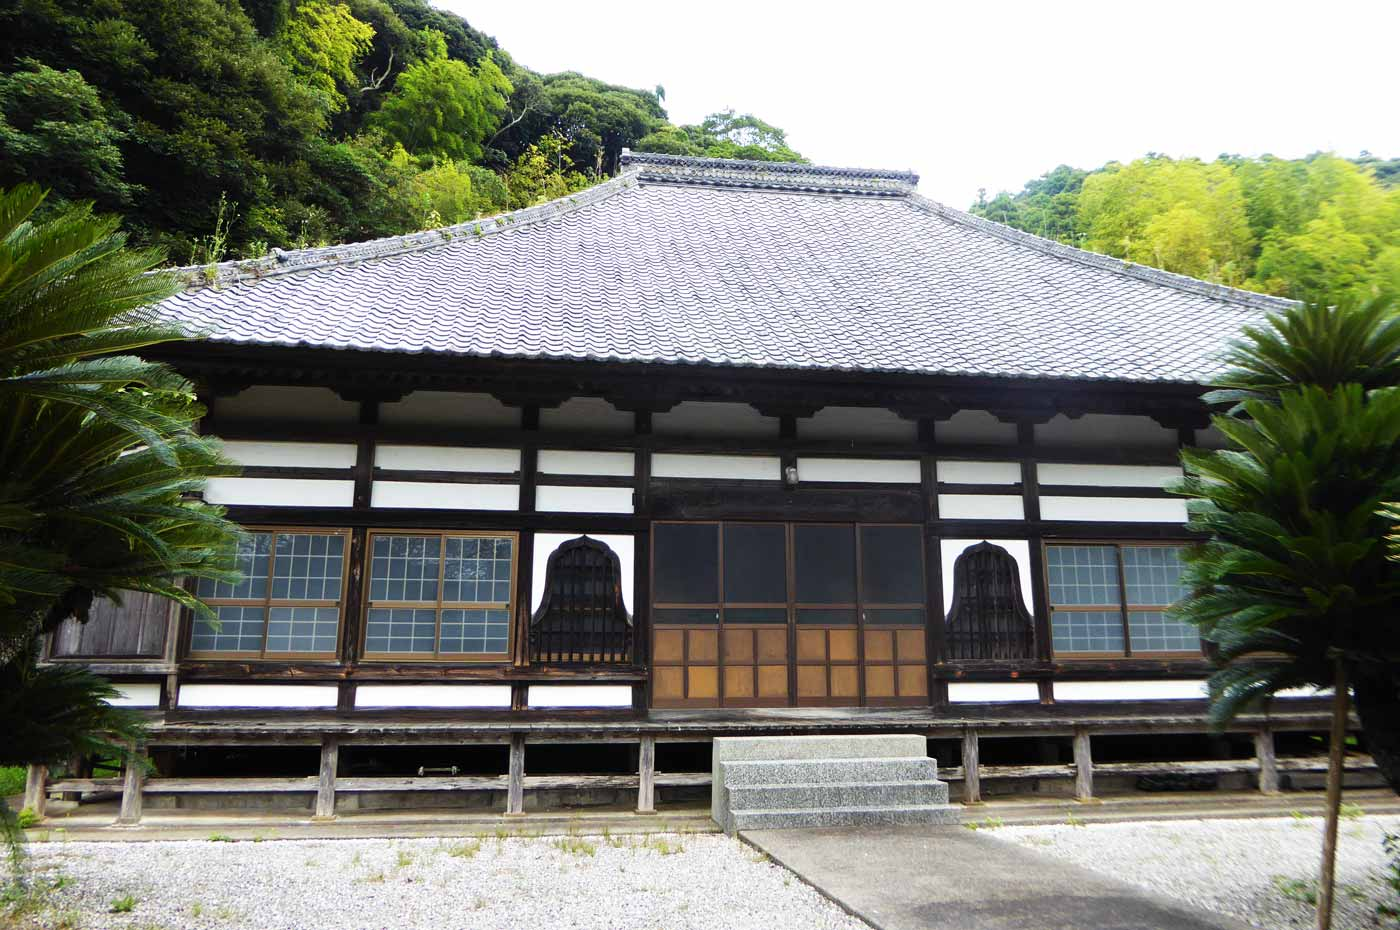 慈雲寺本堂の画像